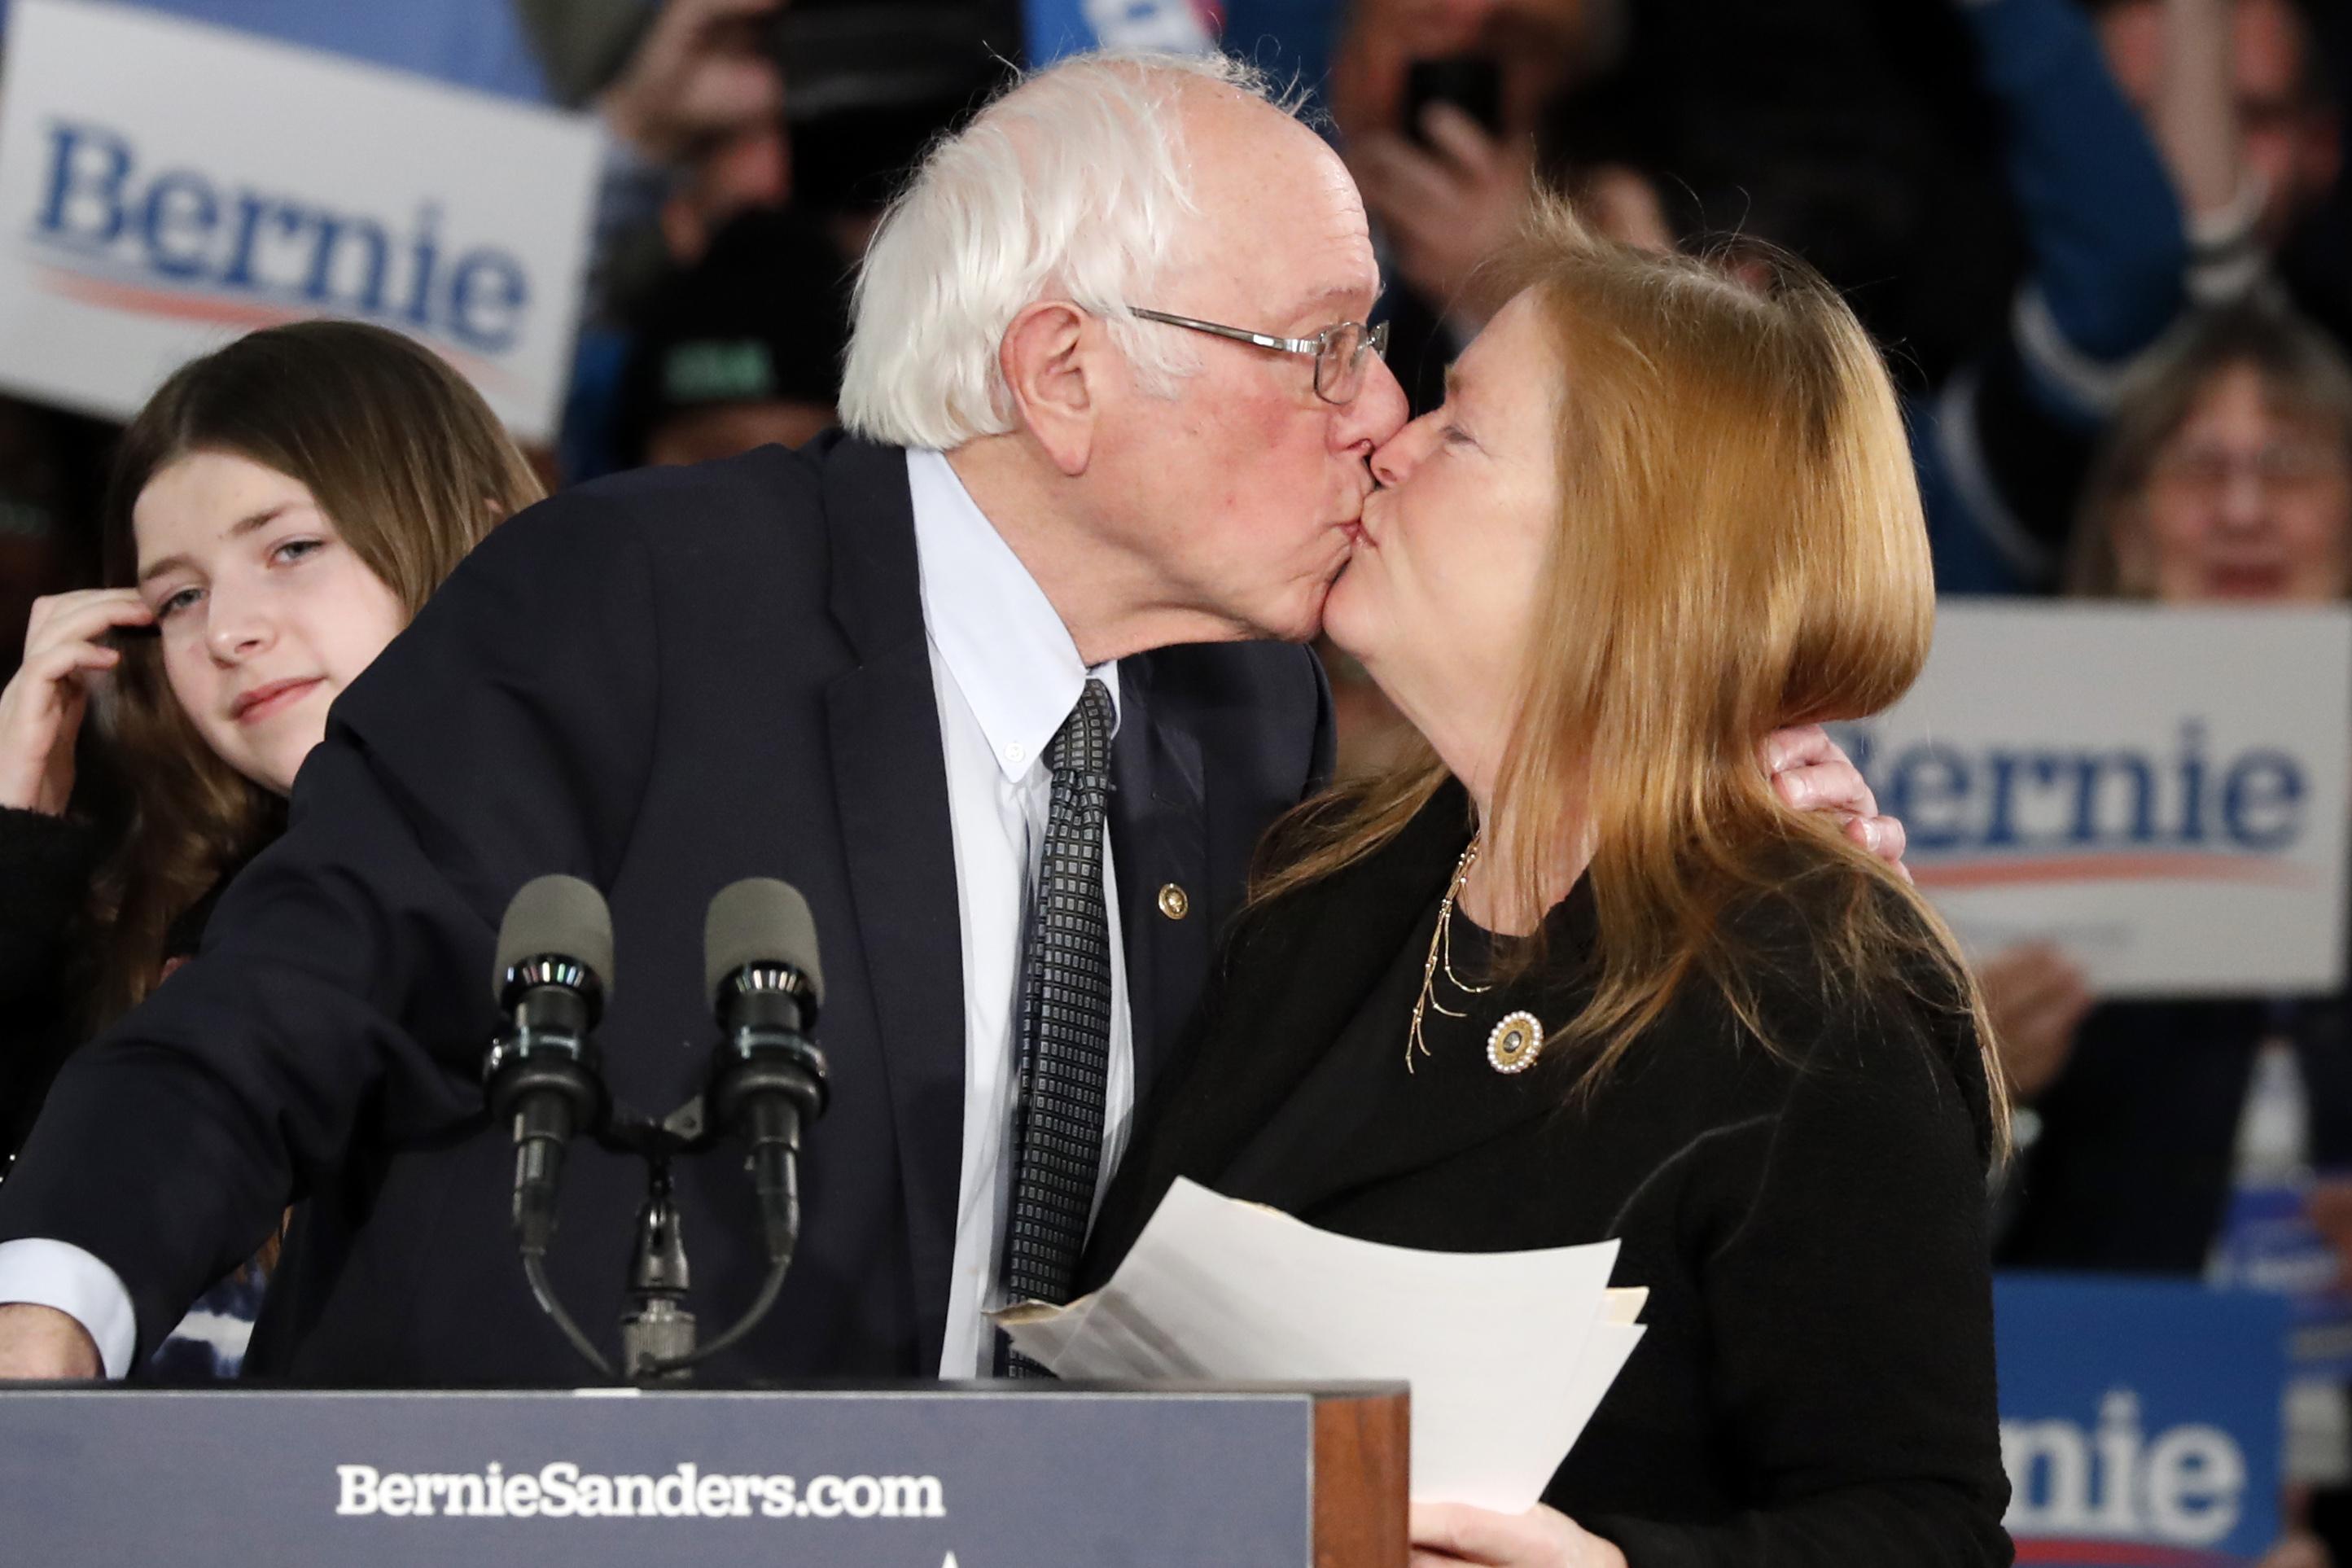 Bernie Sanders and Jane O'Meara Sanders